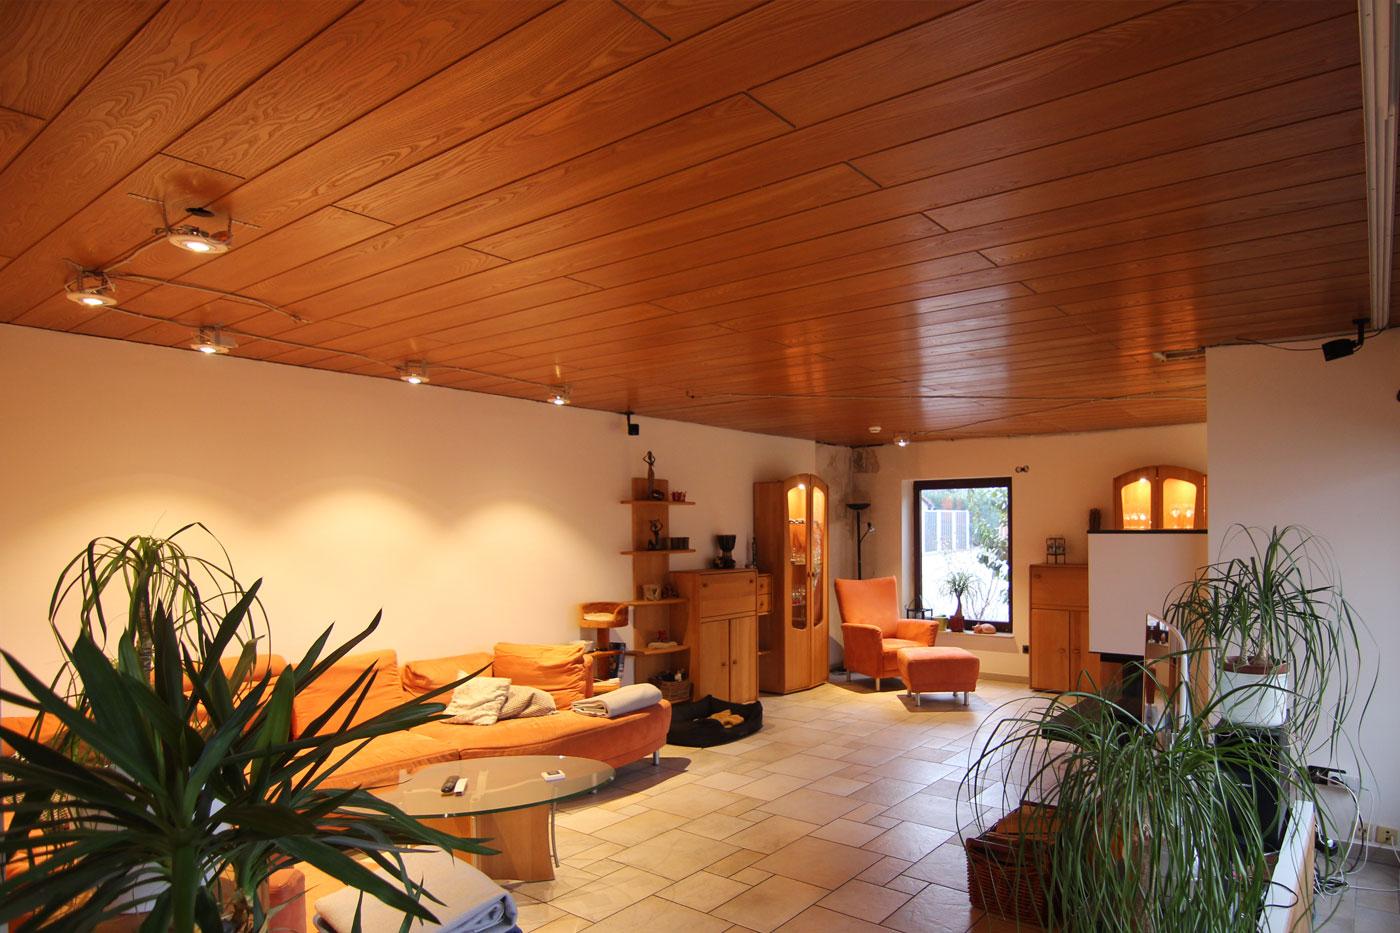 Spanndecke im Wohnzimmer Esszimmer – Bönnigheim